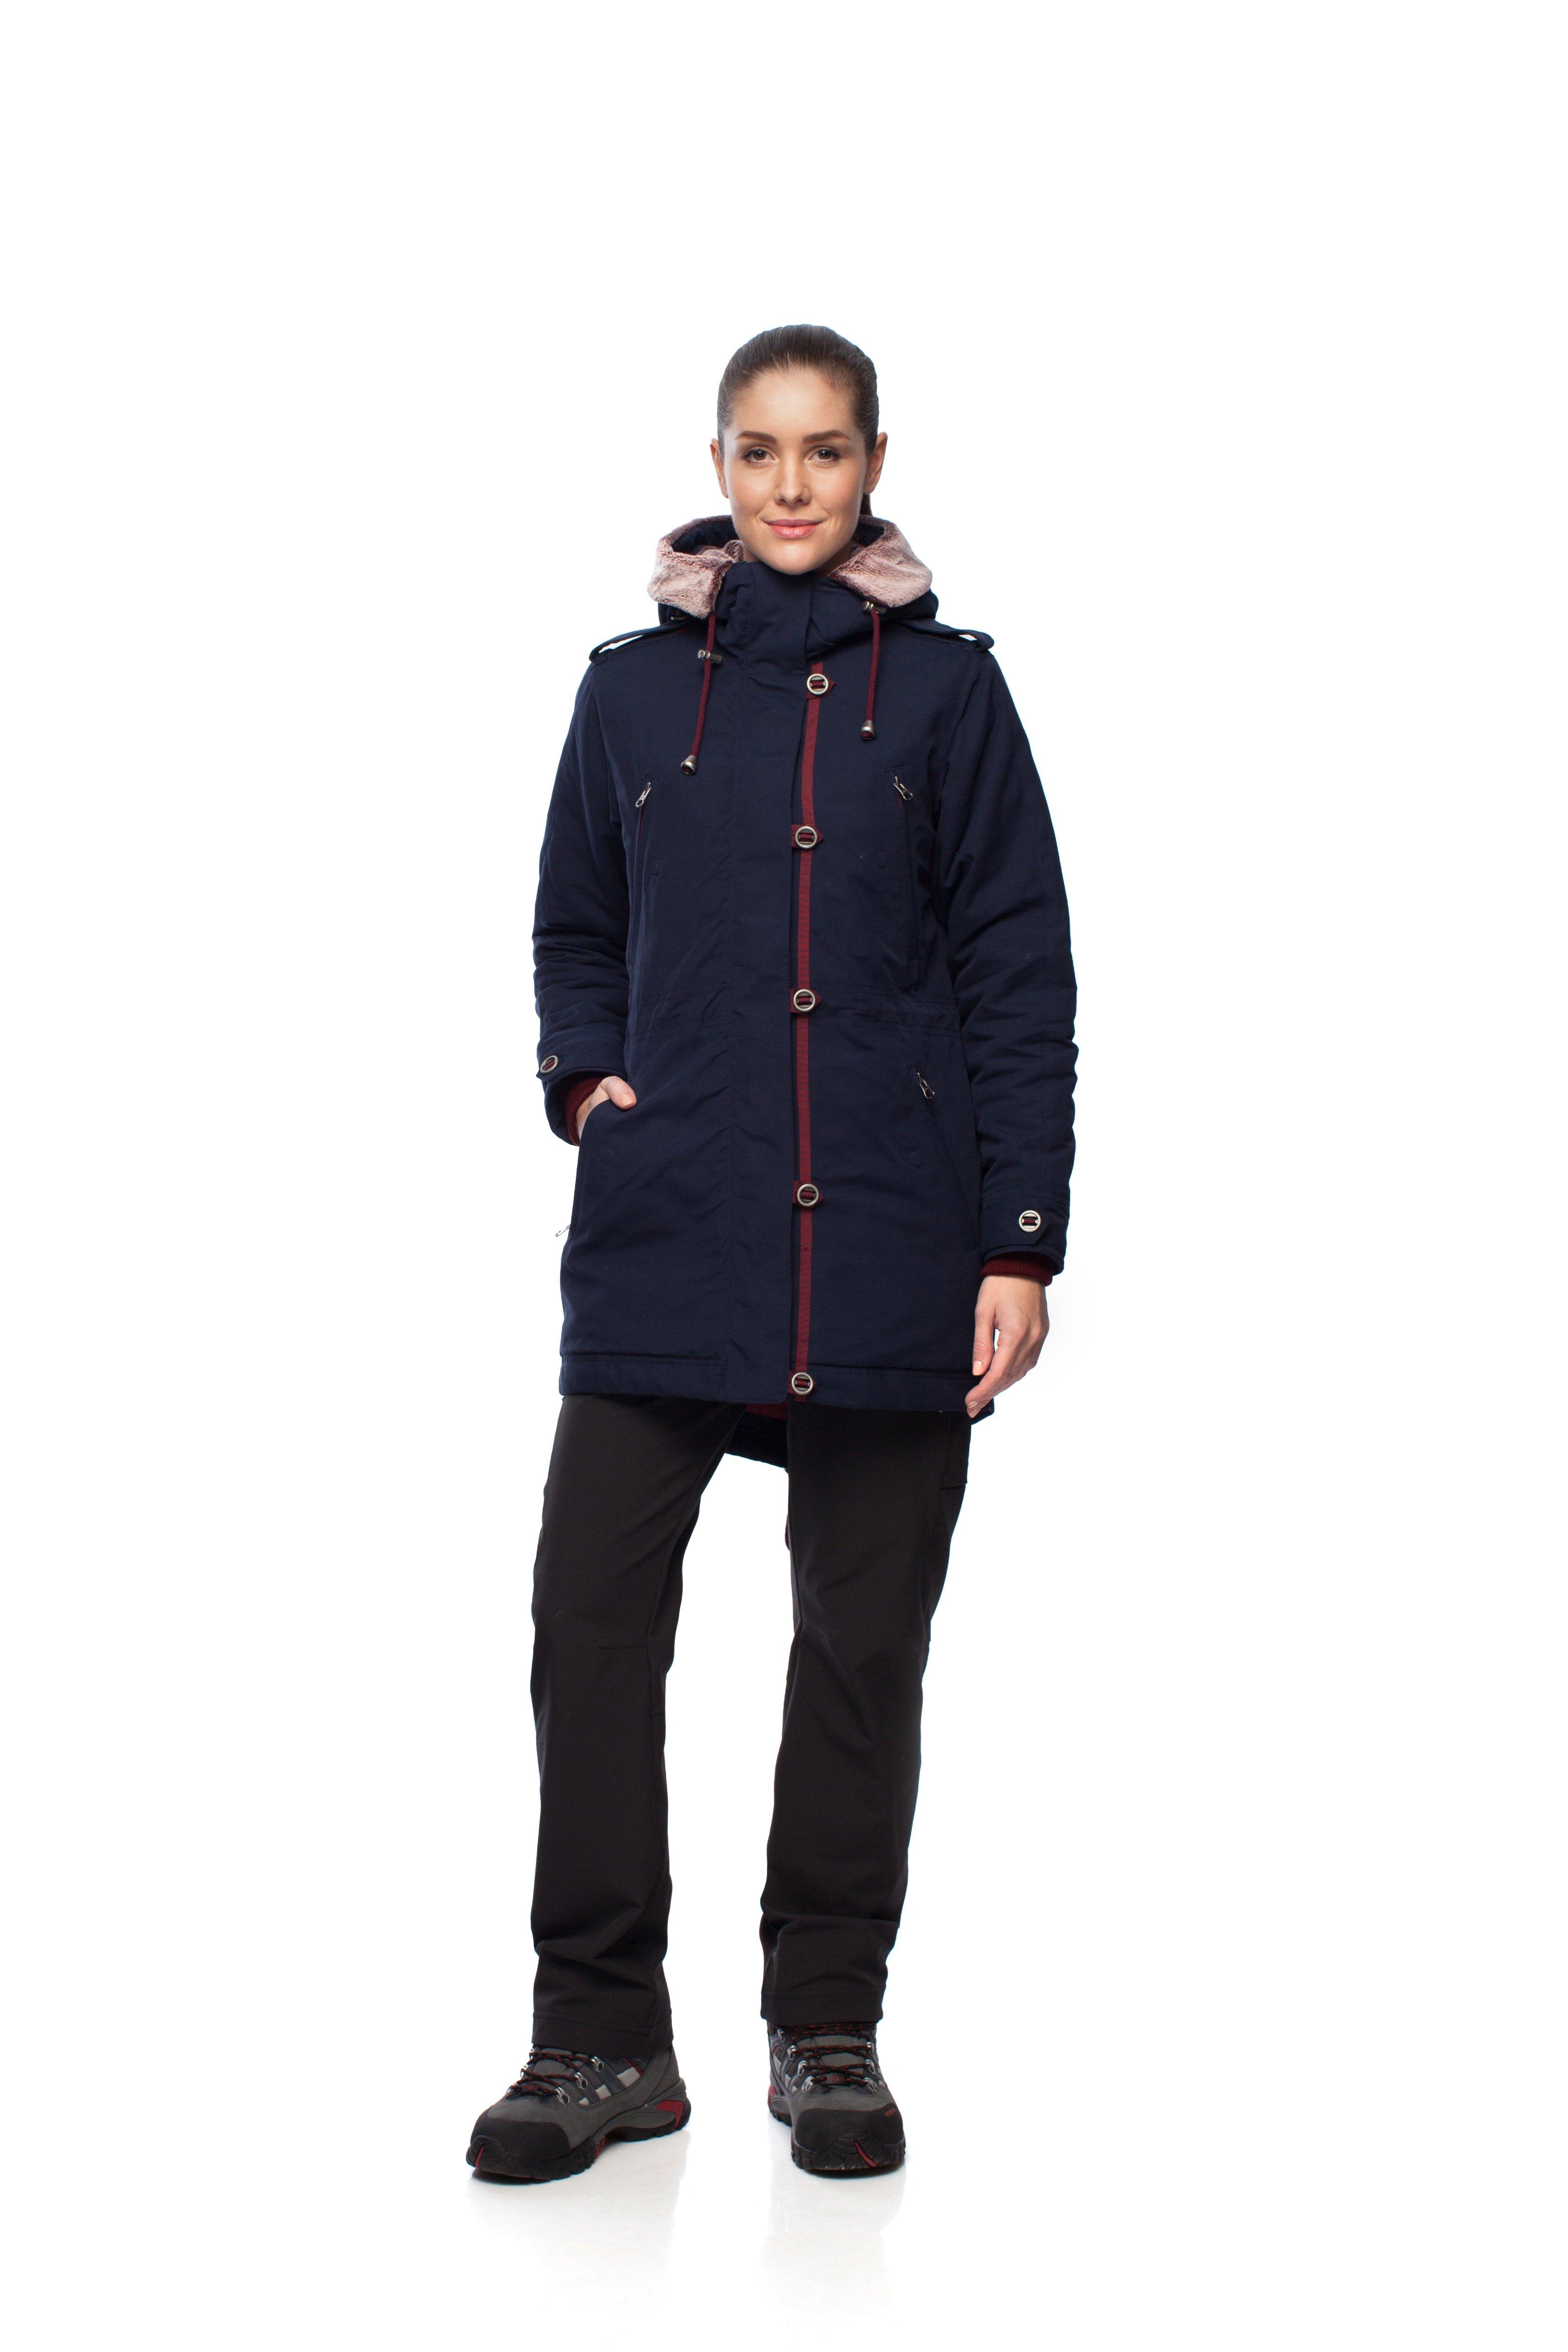 Куртка BASK SHL MEDEA 4558Удлиненная женская куртка на синтетическом утеплителе премиум класса Shelter&amp;reg;Sport из коллекции BASK City.<br><br>Верхняя ткань: Nylon 50%, Cotton 50%, Teflon WR<br>Вес граммы: 1625<br>Ветро-влагозащитные свойства верхней ткани: Да<br>Ветрозащитная планка: Да<br>Ветрозащитная юбка: Нет<br>Влагозащитные молнии: Нет<br>Внутренние манжеты: Да<br>Внутренняя ткань: Advance® Classic<br>Дублирующий центральную молнию клапан: Да<br>Защитный козырёк капюшона: Нет<br>Капюшон: Несъемный<br>Карман для средств связи: Нет<br>Количество внешних карманов: 4<br>Количество внутренних карманов: 4<br>Коллекция: BASK City<br>Мембрана: Нет<br>Объемный крой локтевой зоны: Нет<br>Отстёгивающиеся рукава: Нет<br>Пол: Женский<br>Проклейка швов: Нет<br>Регулировка манжетов рукавов: Нет<br>Регулировка низа: Да<br>Регулировка объёма капюшона: Да<br>Регулировка талии: Да<br>Регулируемые вентиляционные отверстия: Нет<br>Световозвращающая лента: Нет<br>Температурный режим: -10<br>Технология Thermal Welding: Нет<br>Технология швов: Простые<br>Тип молнии: Однозамковая<br>Тип утеплителя: Синтетический<br>Ткань усиления: Нет<br>Усиление контактных зон: Нет<br>Утеплитель: Shelter®Sport<br>Размер RU: 46<br>Цвет: КОРИЧНЕВЫЙ